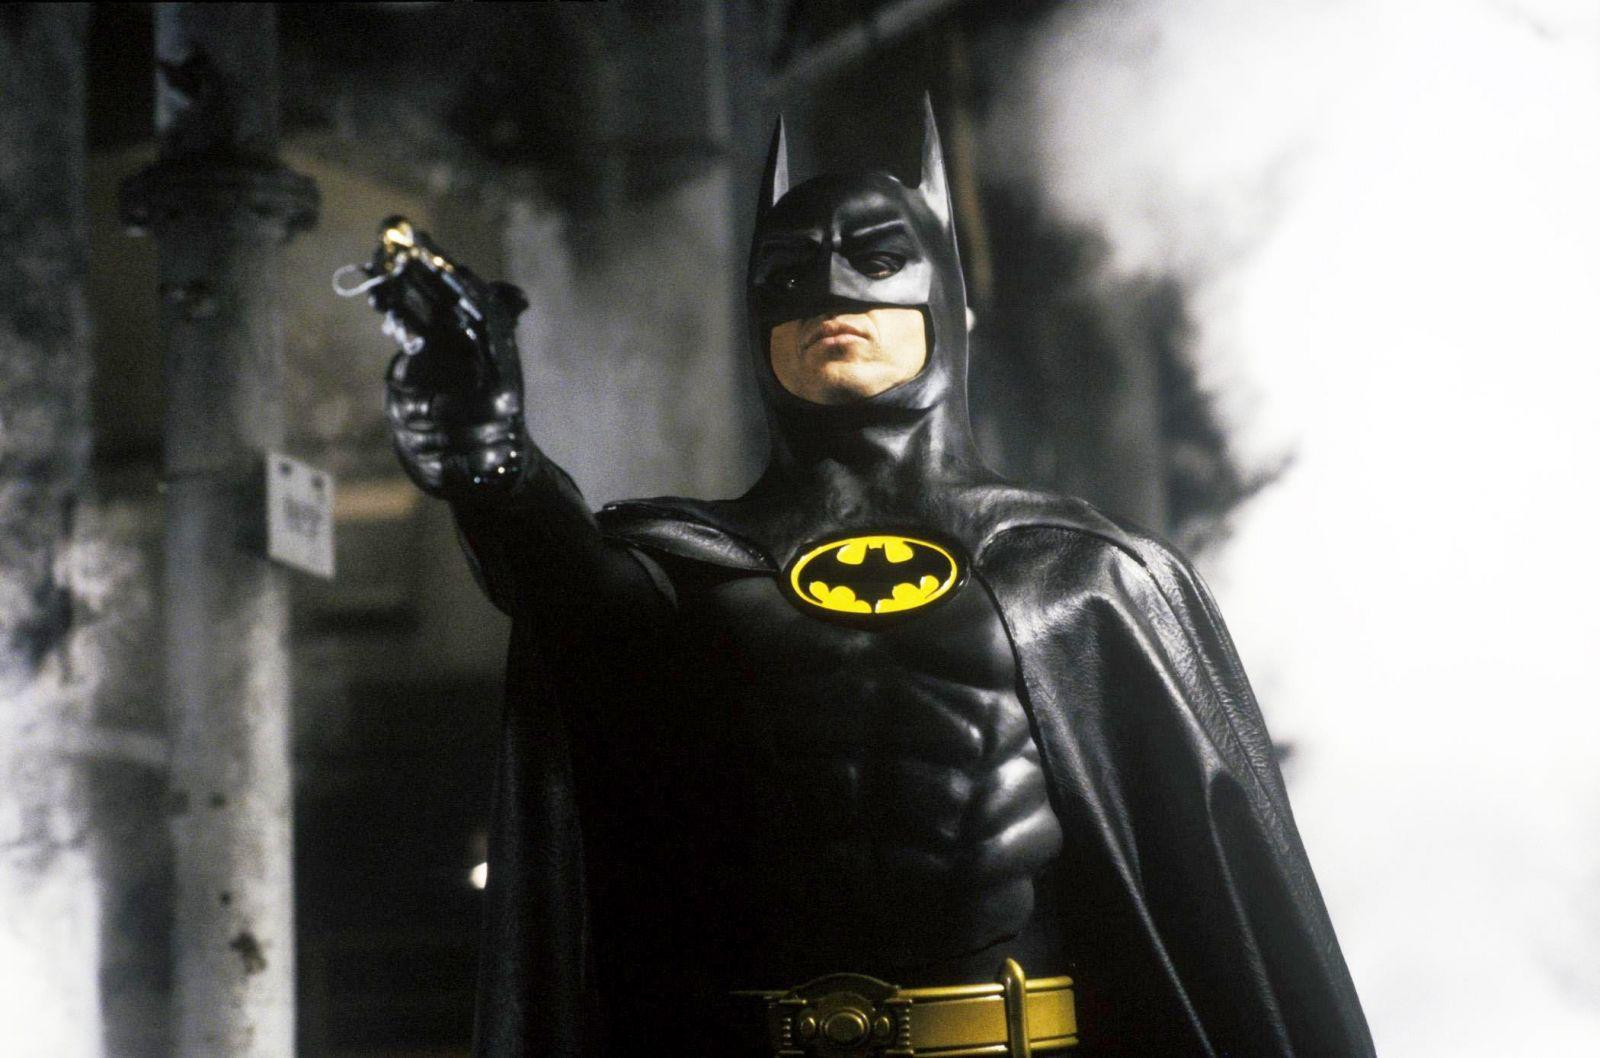 Режиссер «Бэтмена иРобина» извинился зафильм через 20 лет после премьеры